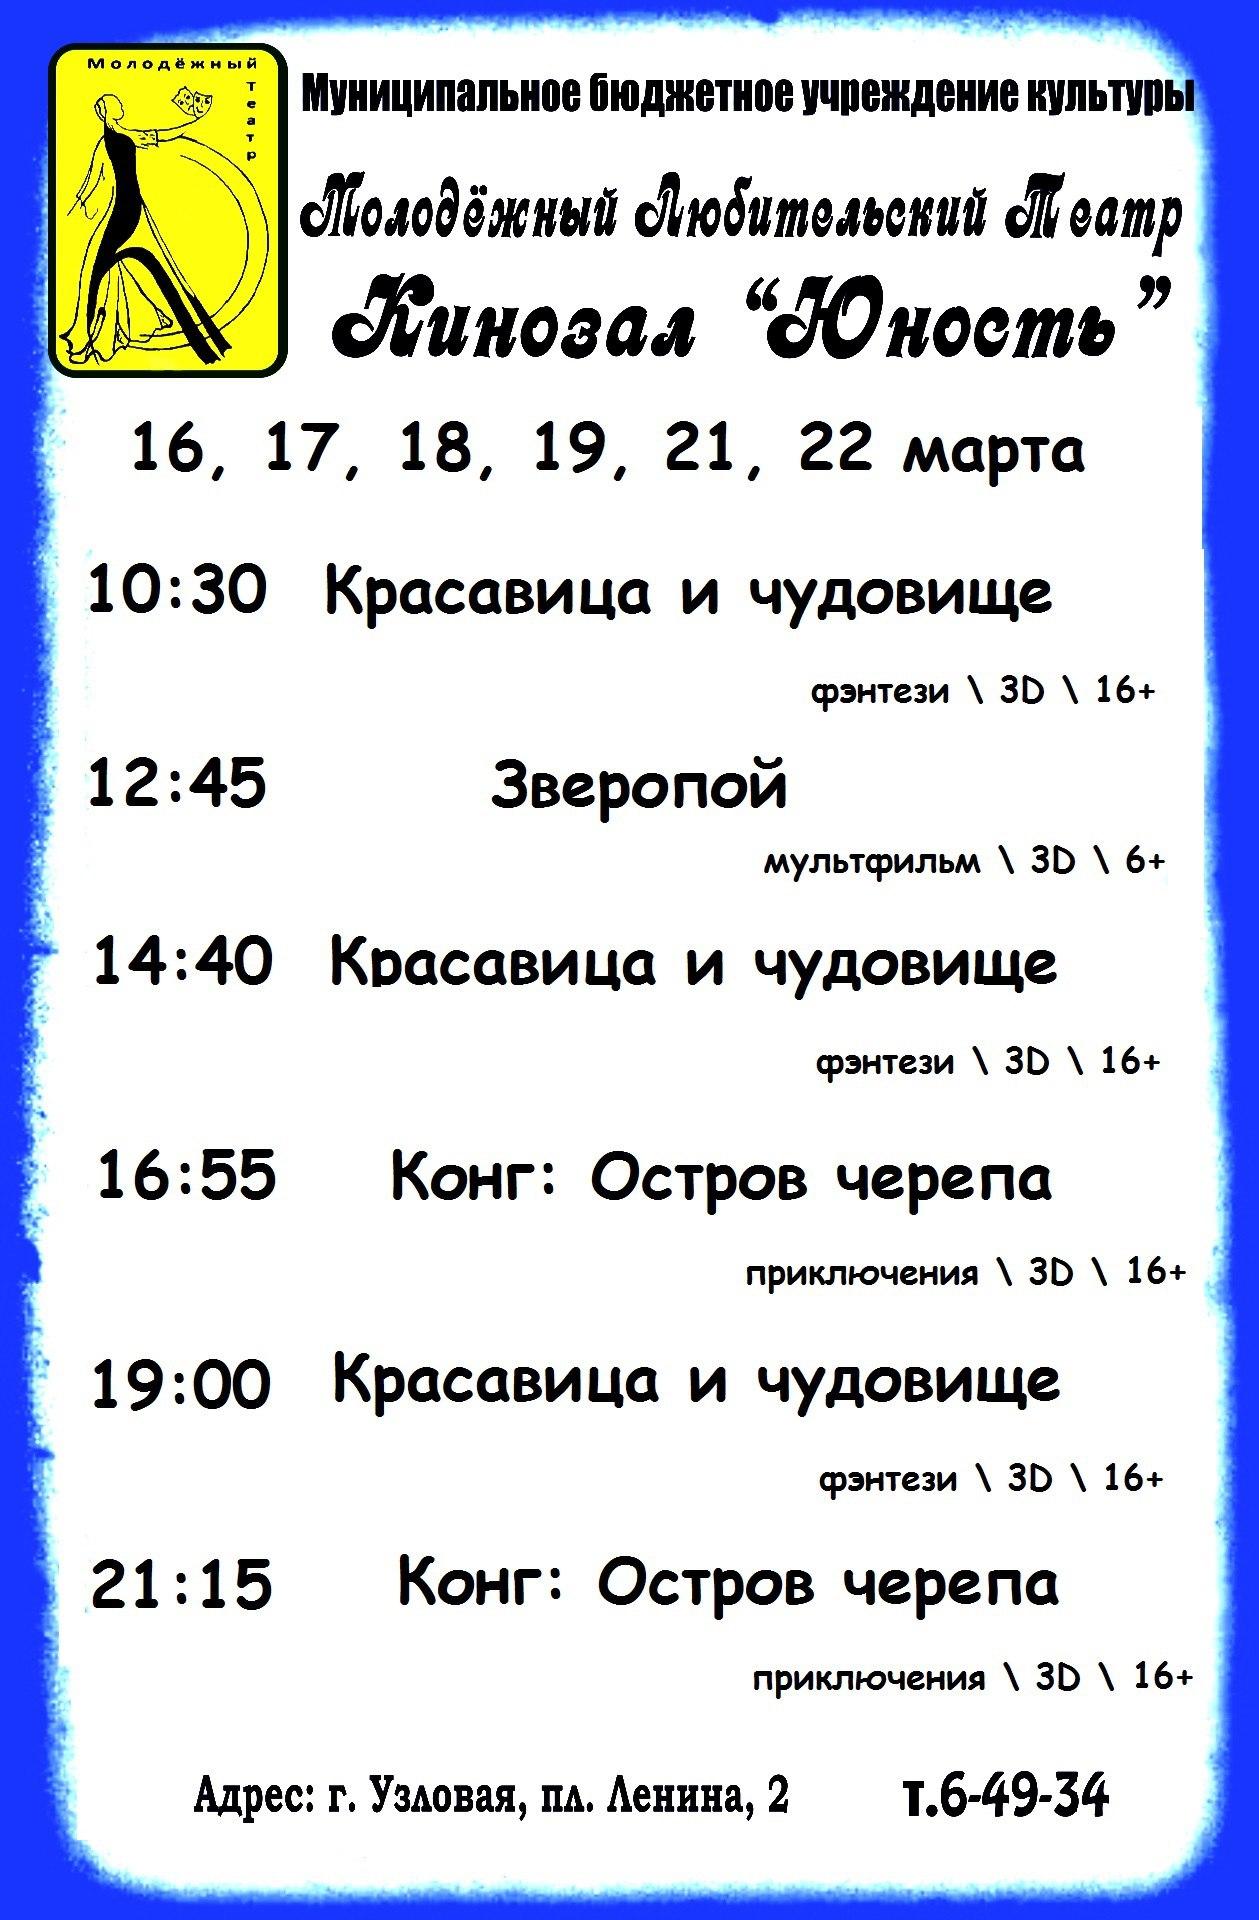 """Расписание кинозала """" Юность """" с 16 по 22 марта"""